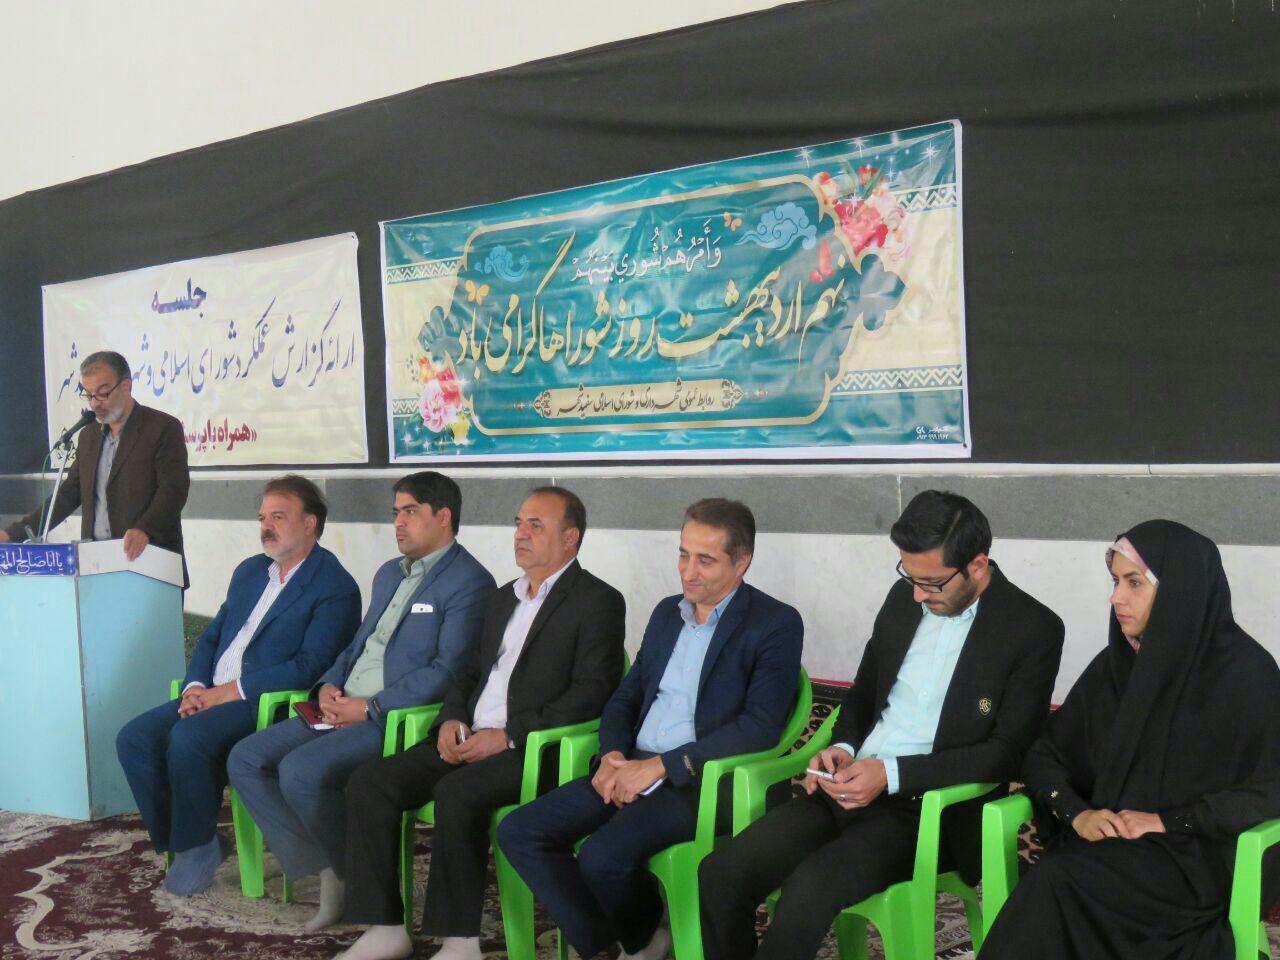 ارائه گزارش عملکرد شورای اسلامی و شهرداری سفیدشهر